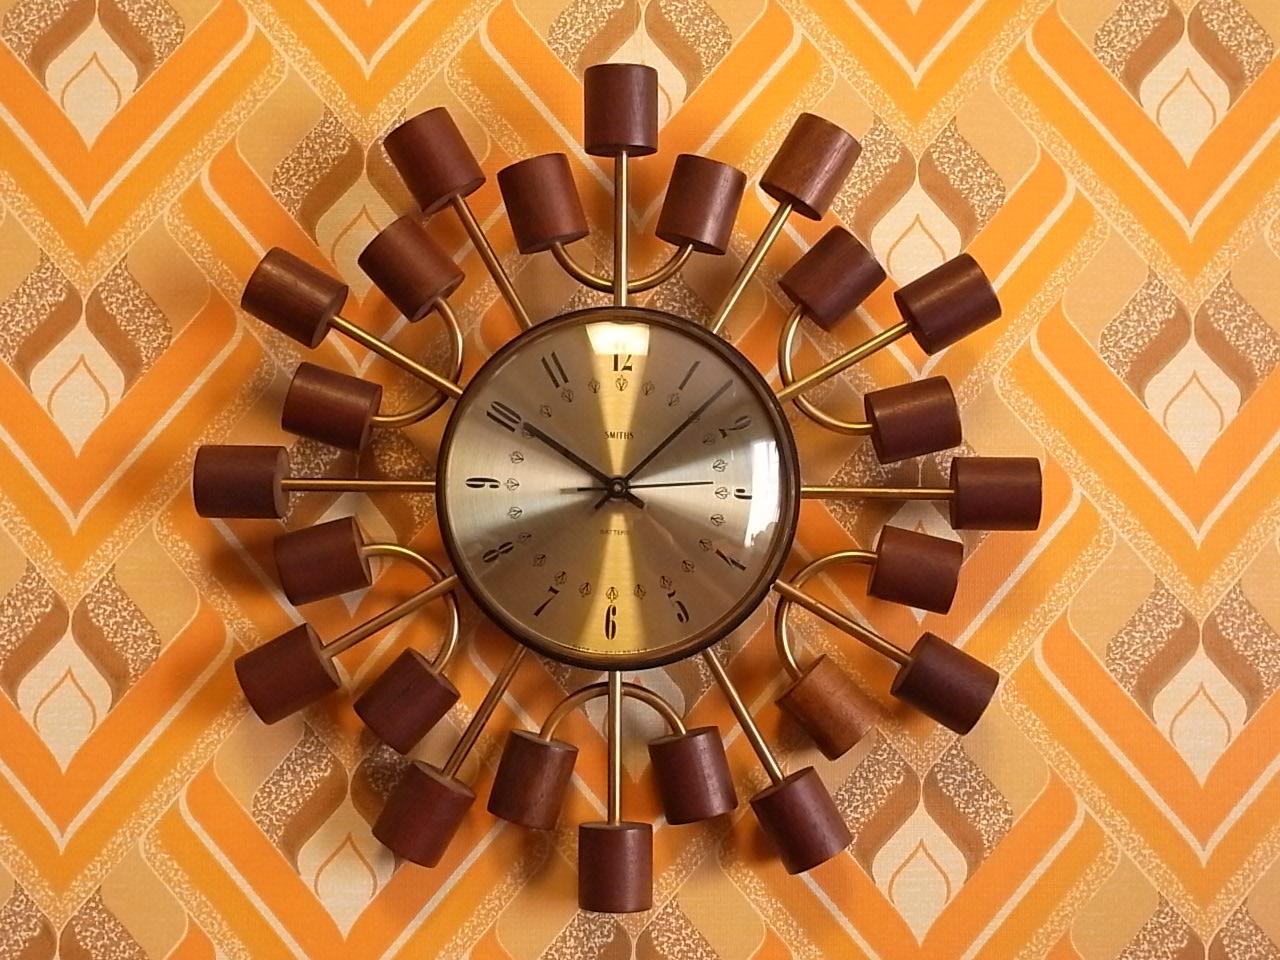 スミス 英国ブランド 木製 ウォールクロック クオーツムーブメントのメイン写真